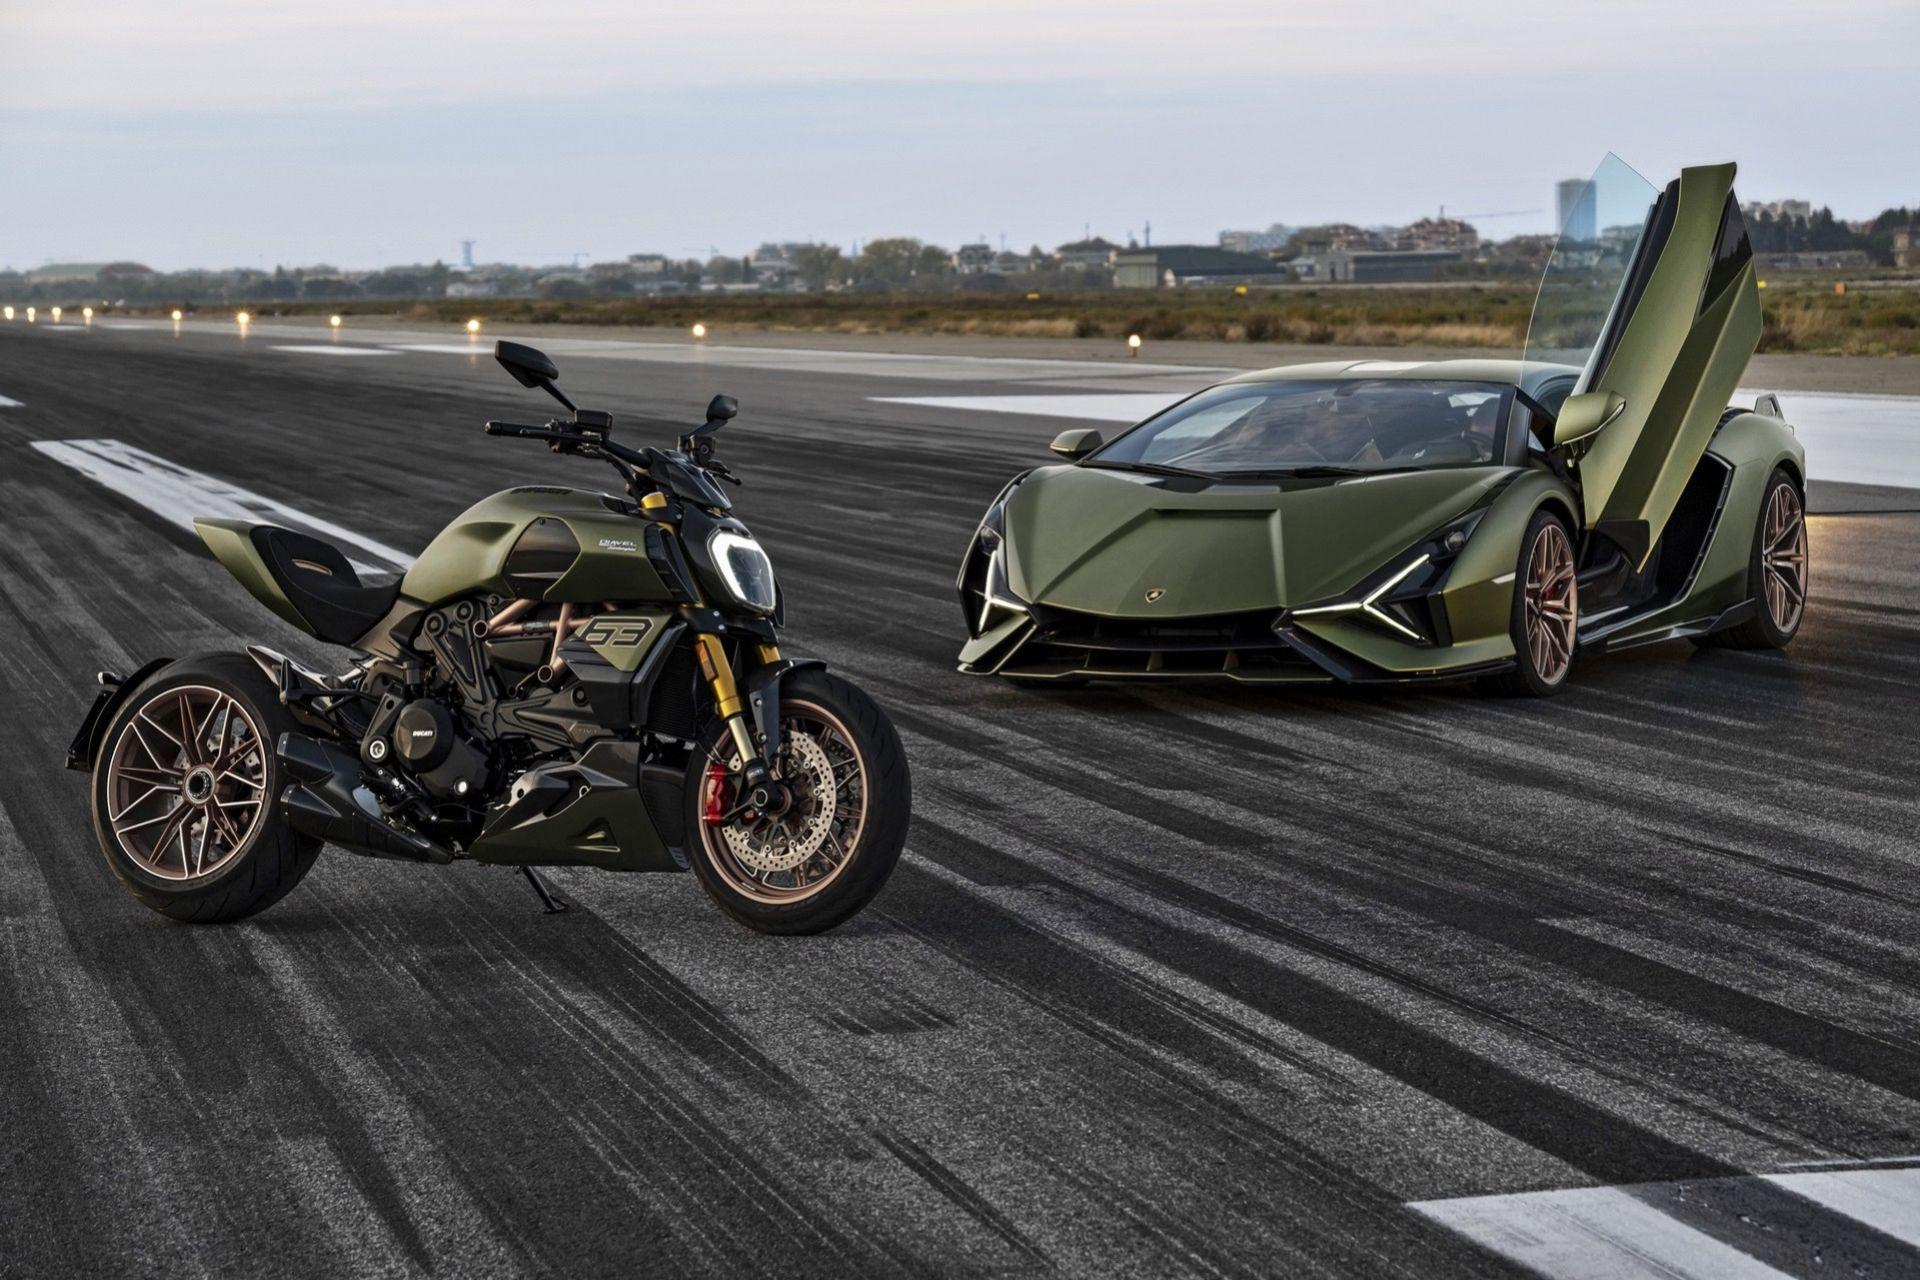 Ducati Diavel inspirerad av Lamborghini Sián FKP 37